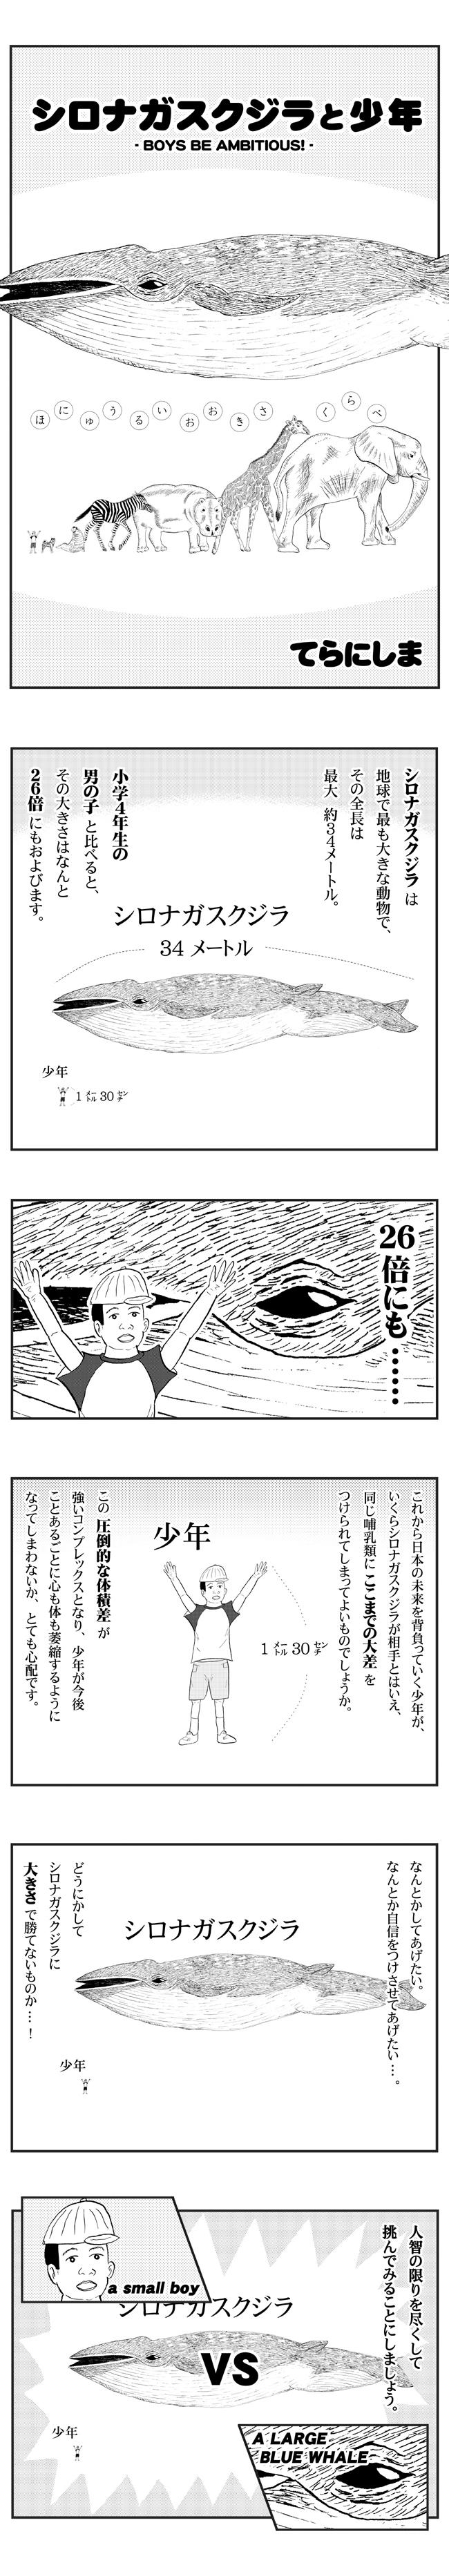 shironagasukujira1